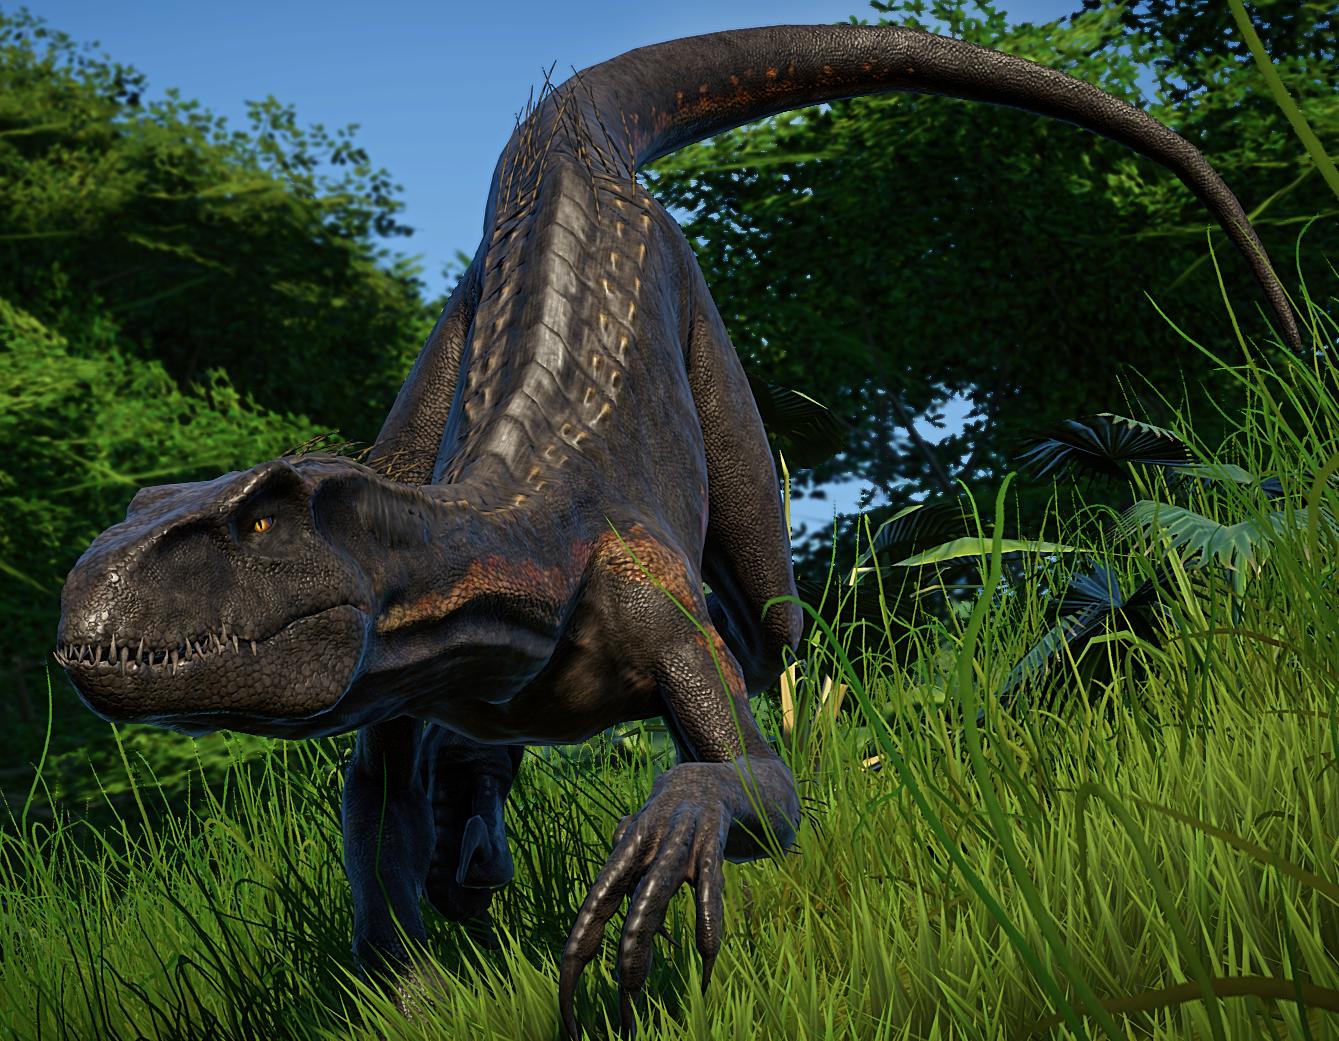 Indoraptor Jurassic World Evolution Wiki Fandom Jurassic Park World Jurassic World Dinosaurs Jurassic World